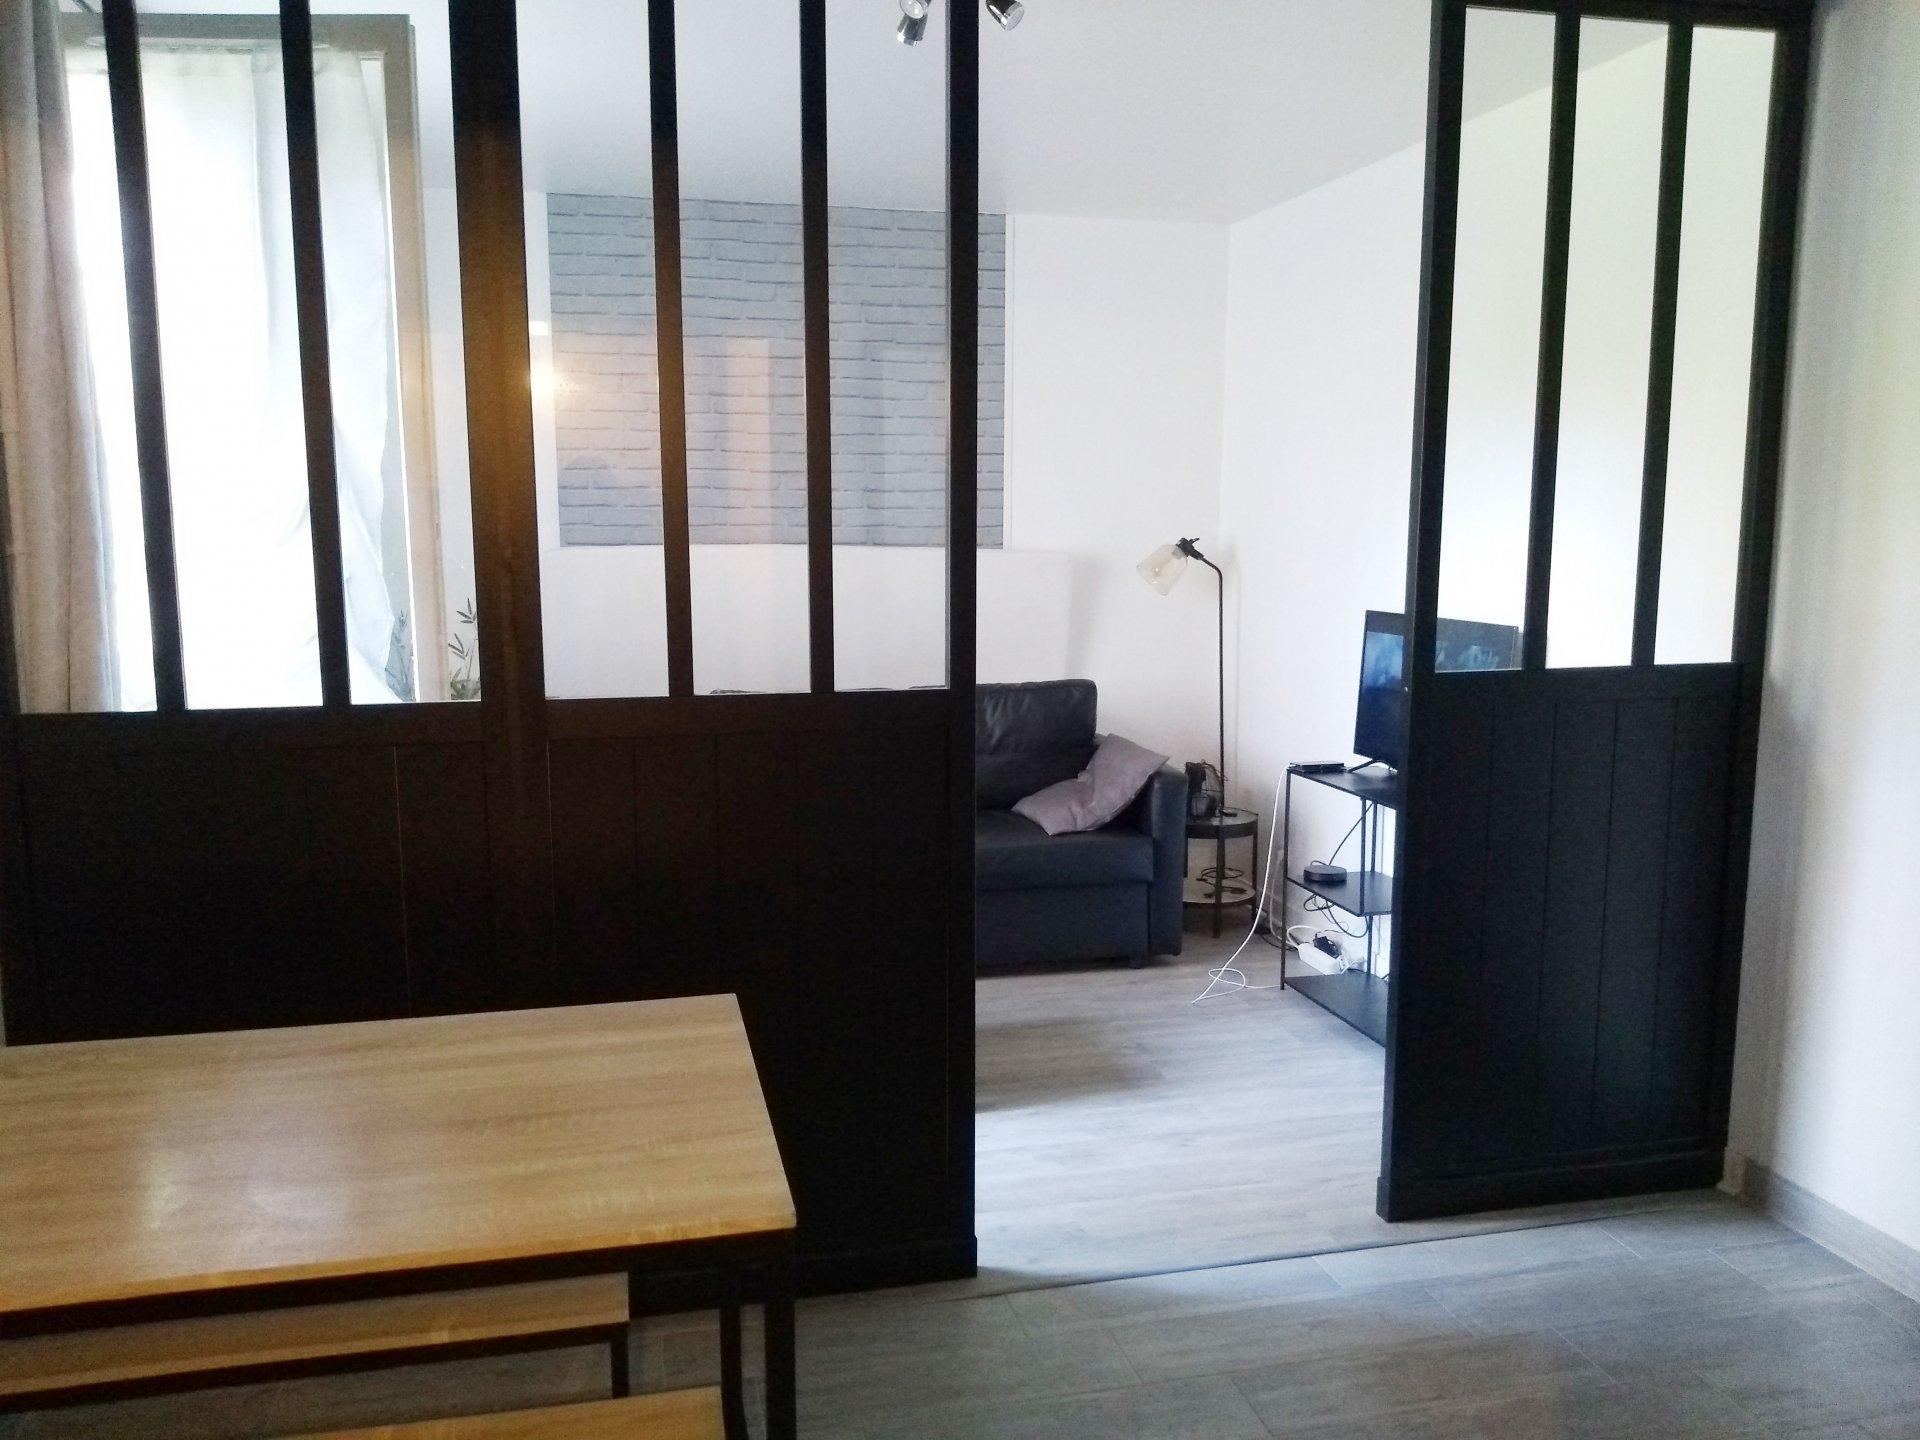 STUDIO - CLERMONT OISE - 26M² - 80 000 €